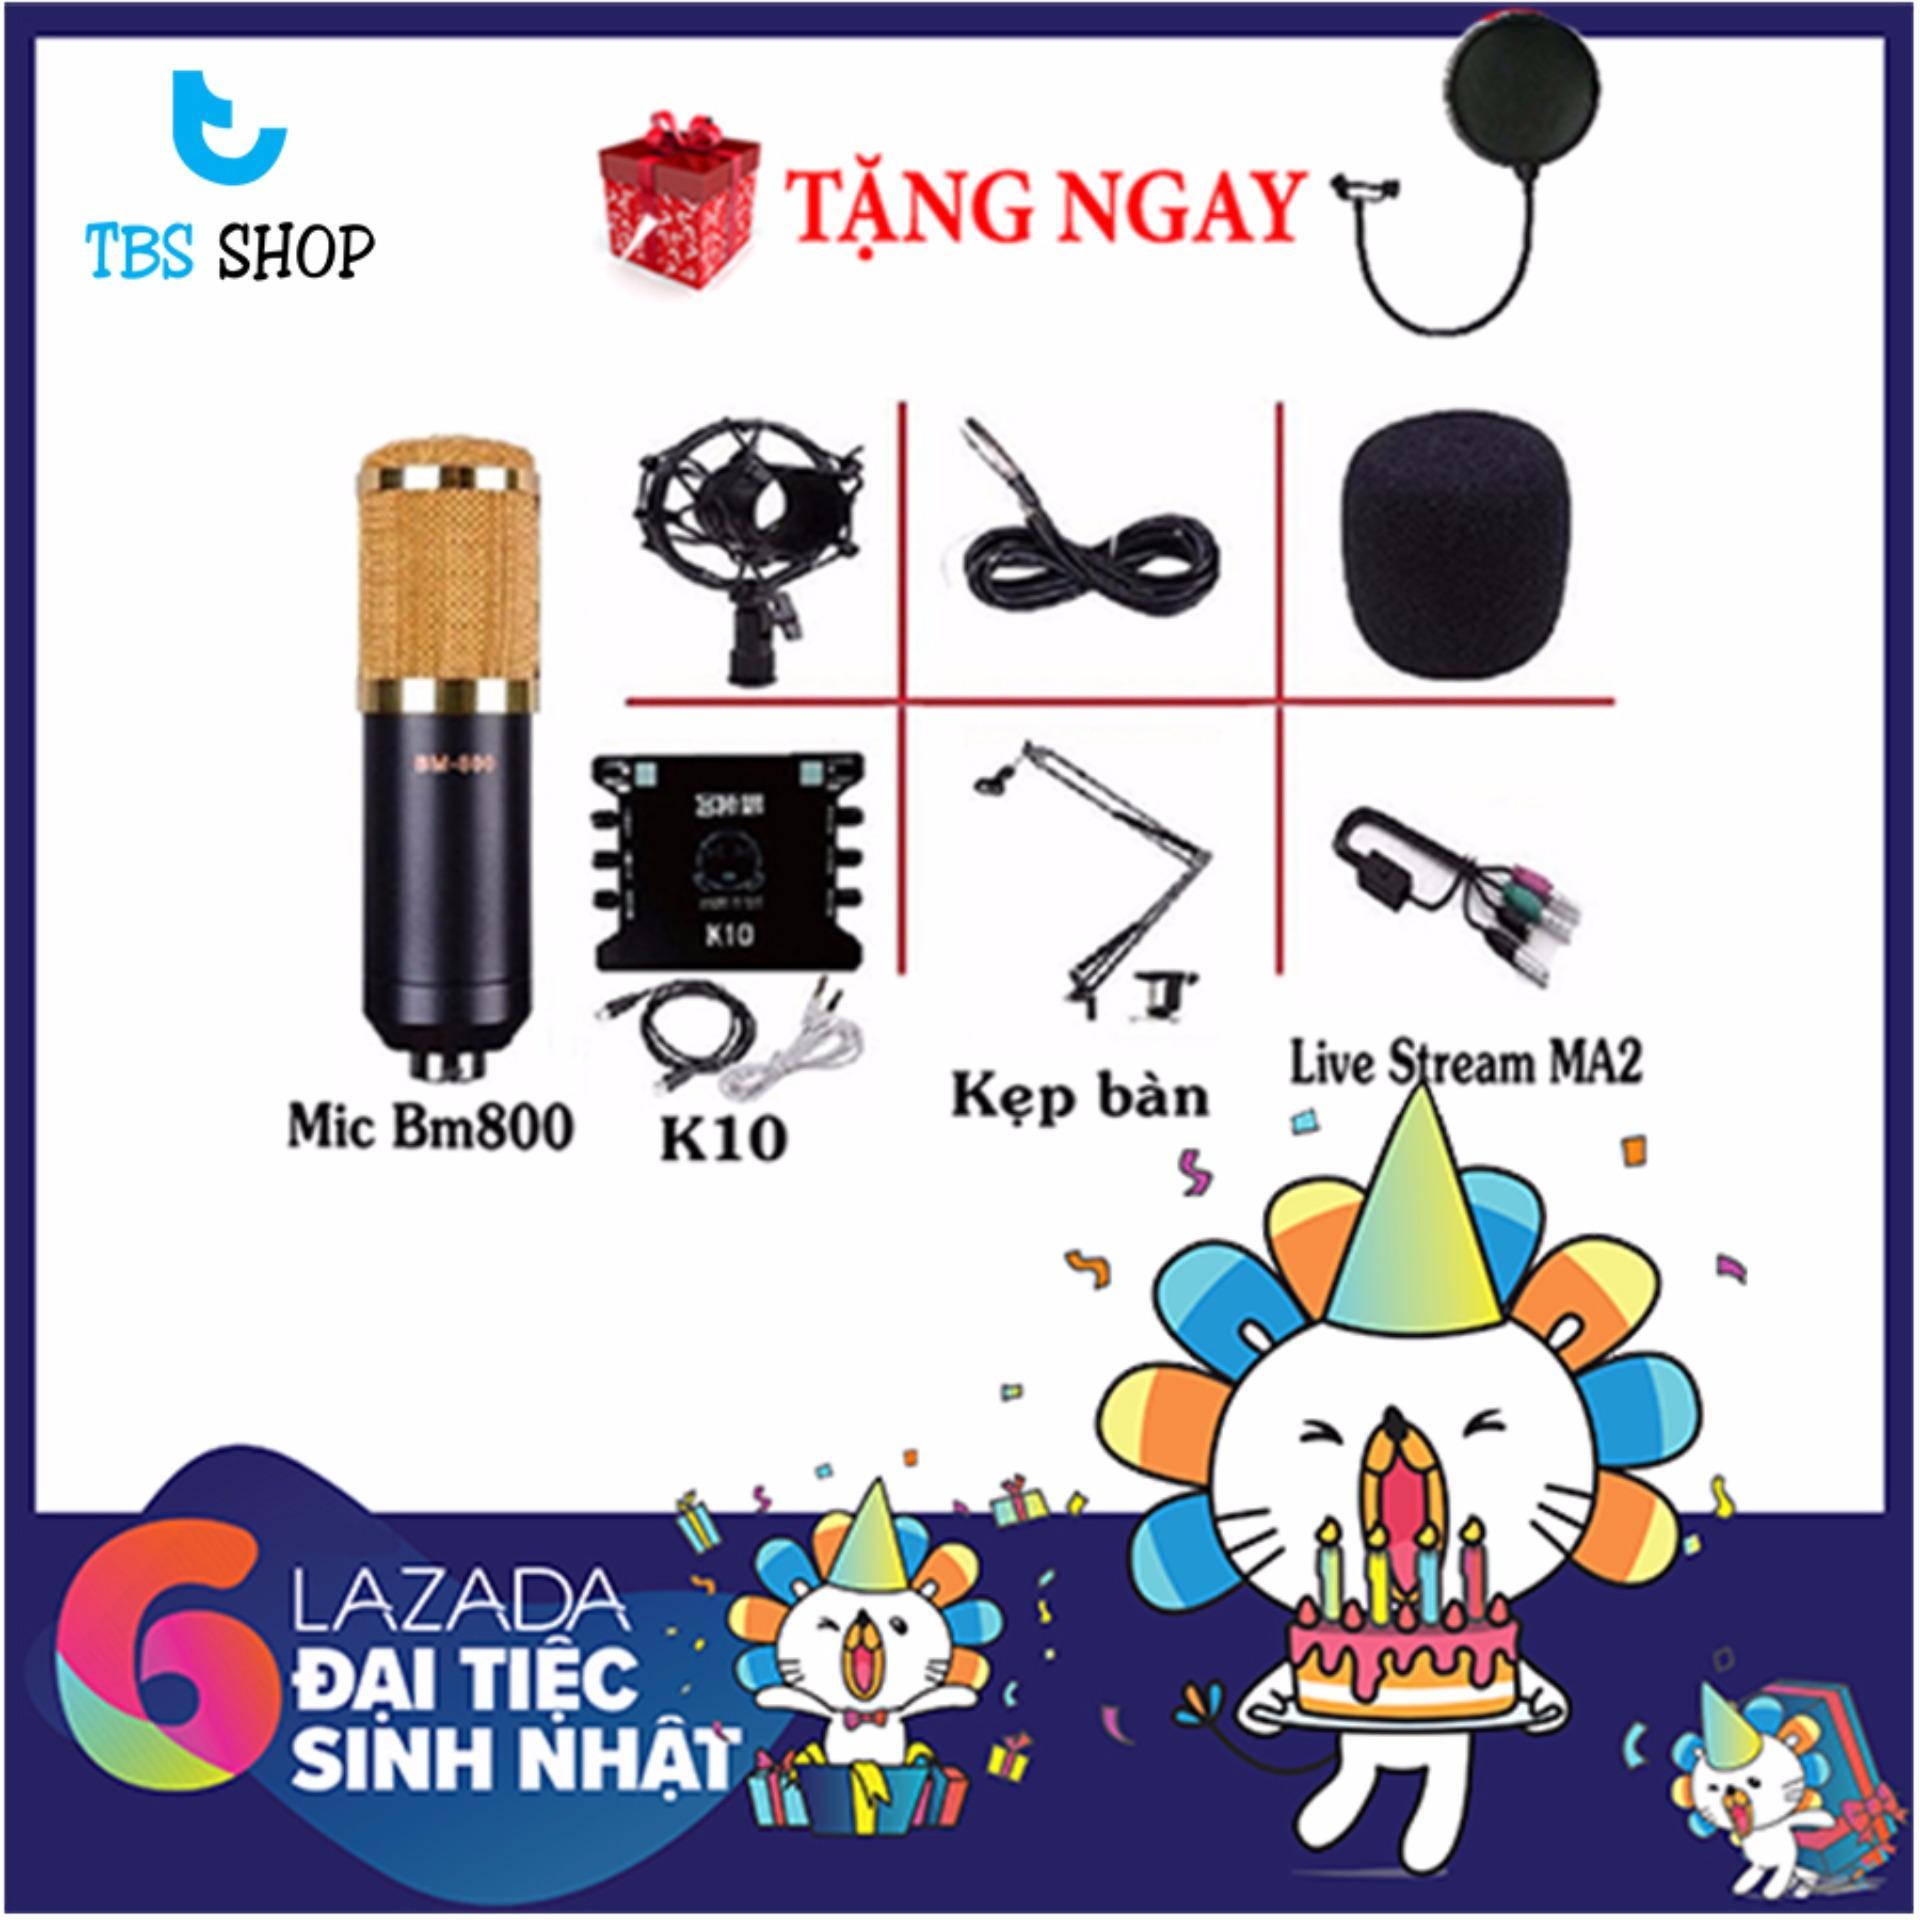 Giá Bán Combo Mic Thu Am Hat Karaoke Chọn Bộ Bm800 Xox Trực Tuyến